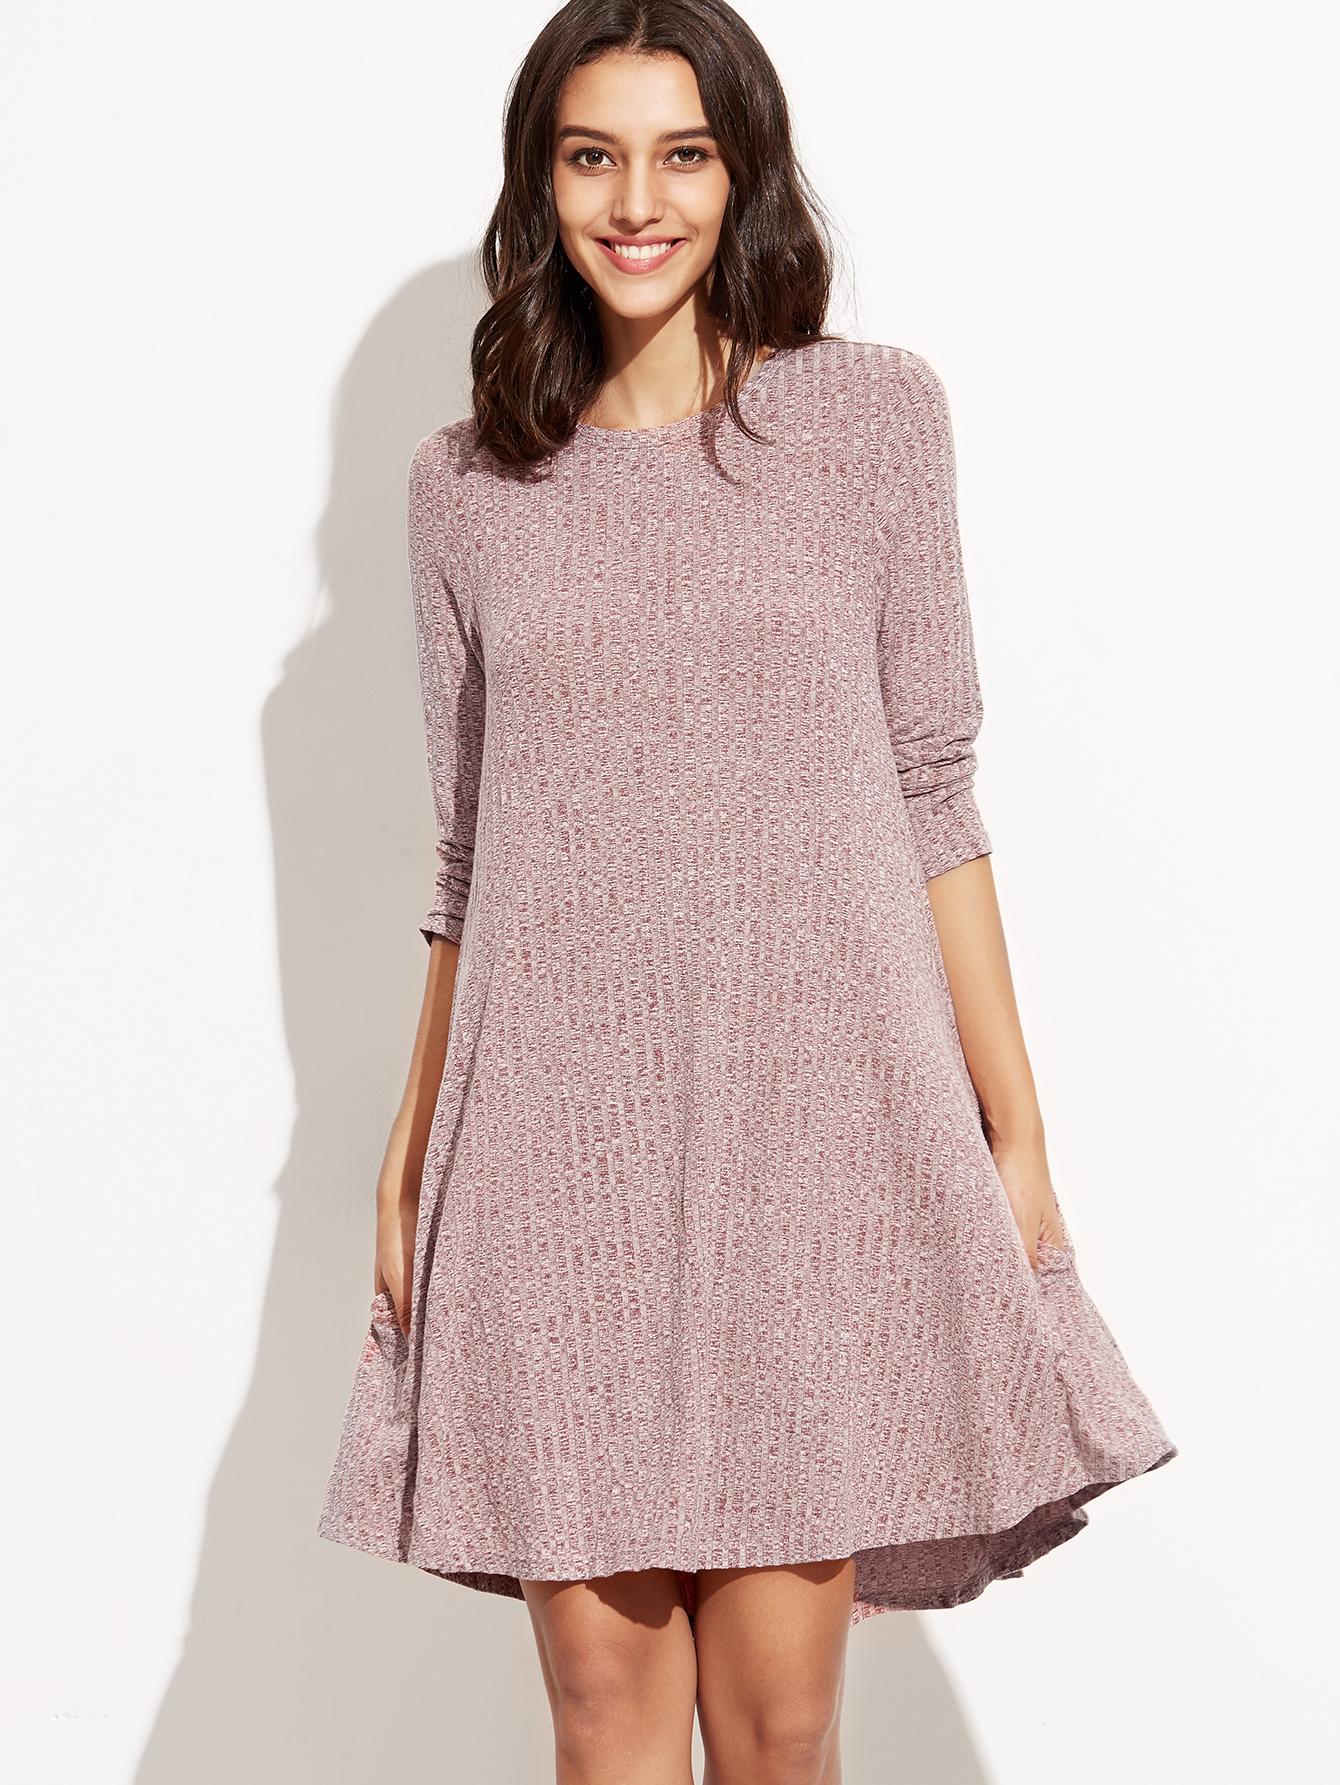 SheIn Burgundy Knit Dress